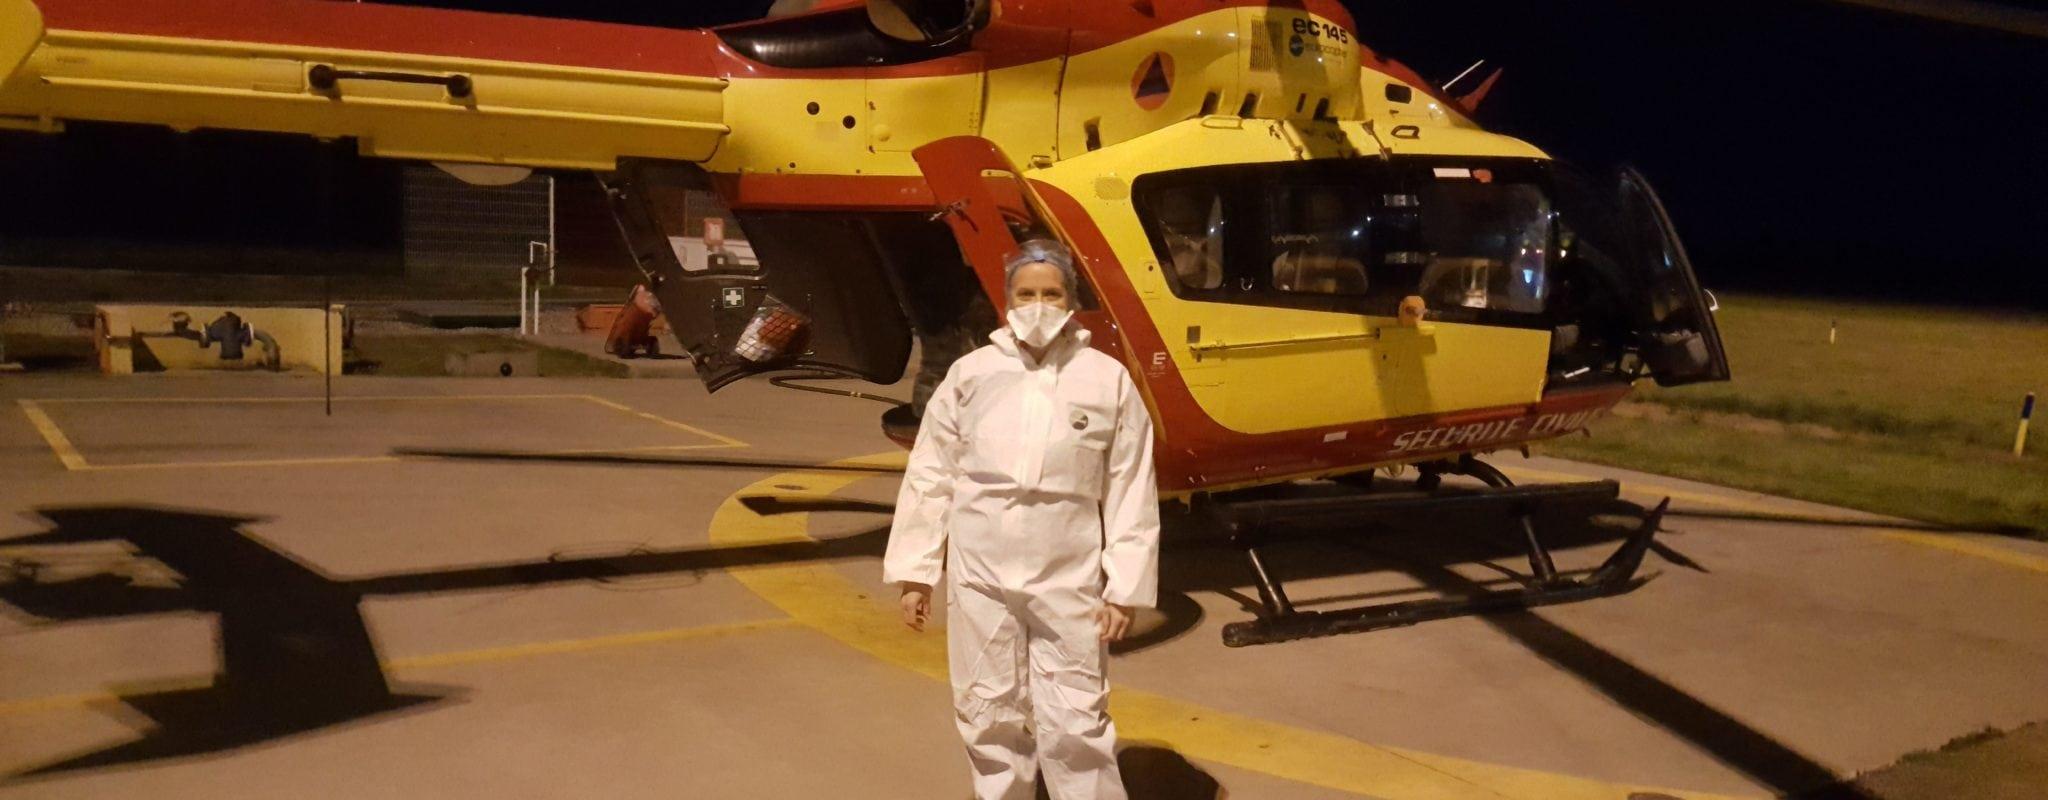 Contaminées au covid, des soignantes peinent à faire reconnaître leur maladie professionnelle